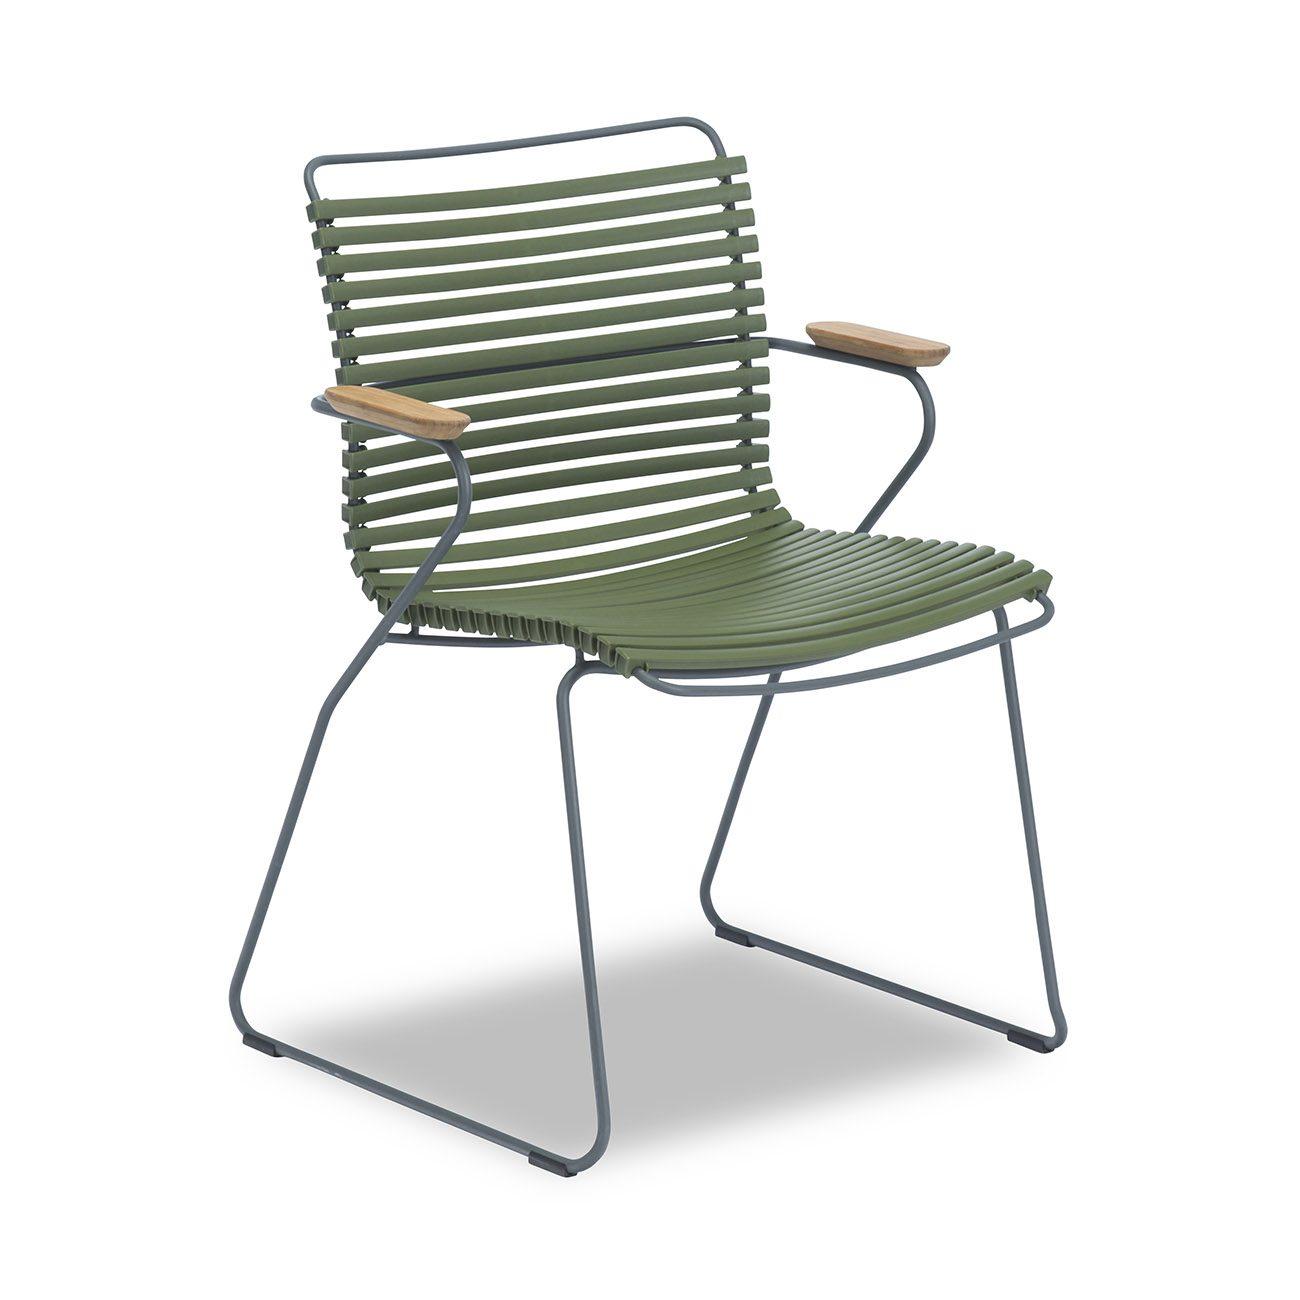 Vår olivgröna karmstol från Houe.